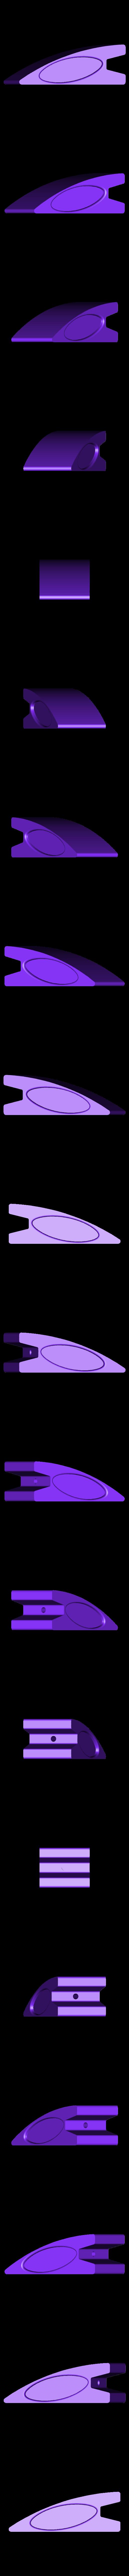 Base-ABS.STL Télécharger fichier STL gratuit Outil de ponçage 2 • Objet pour impression 3D, perinski